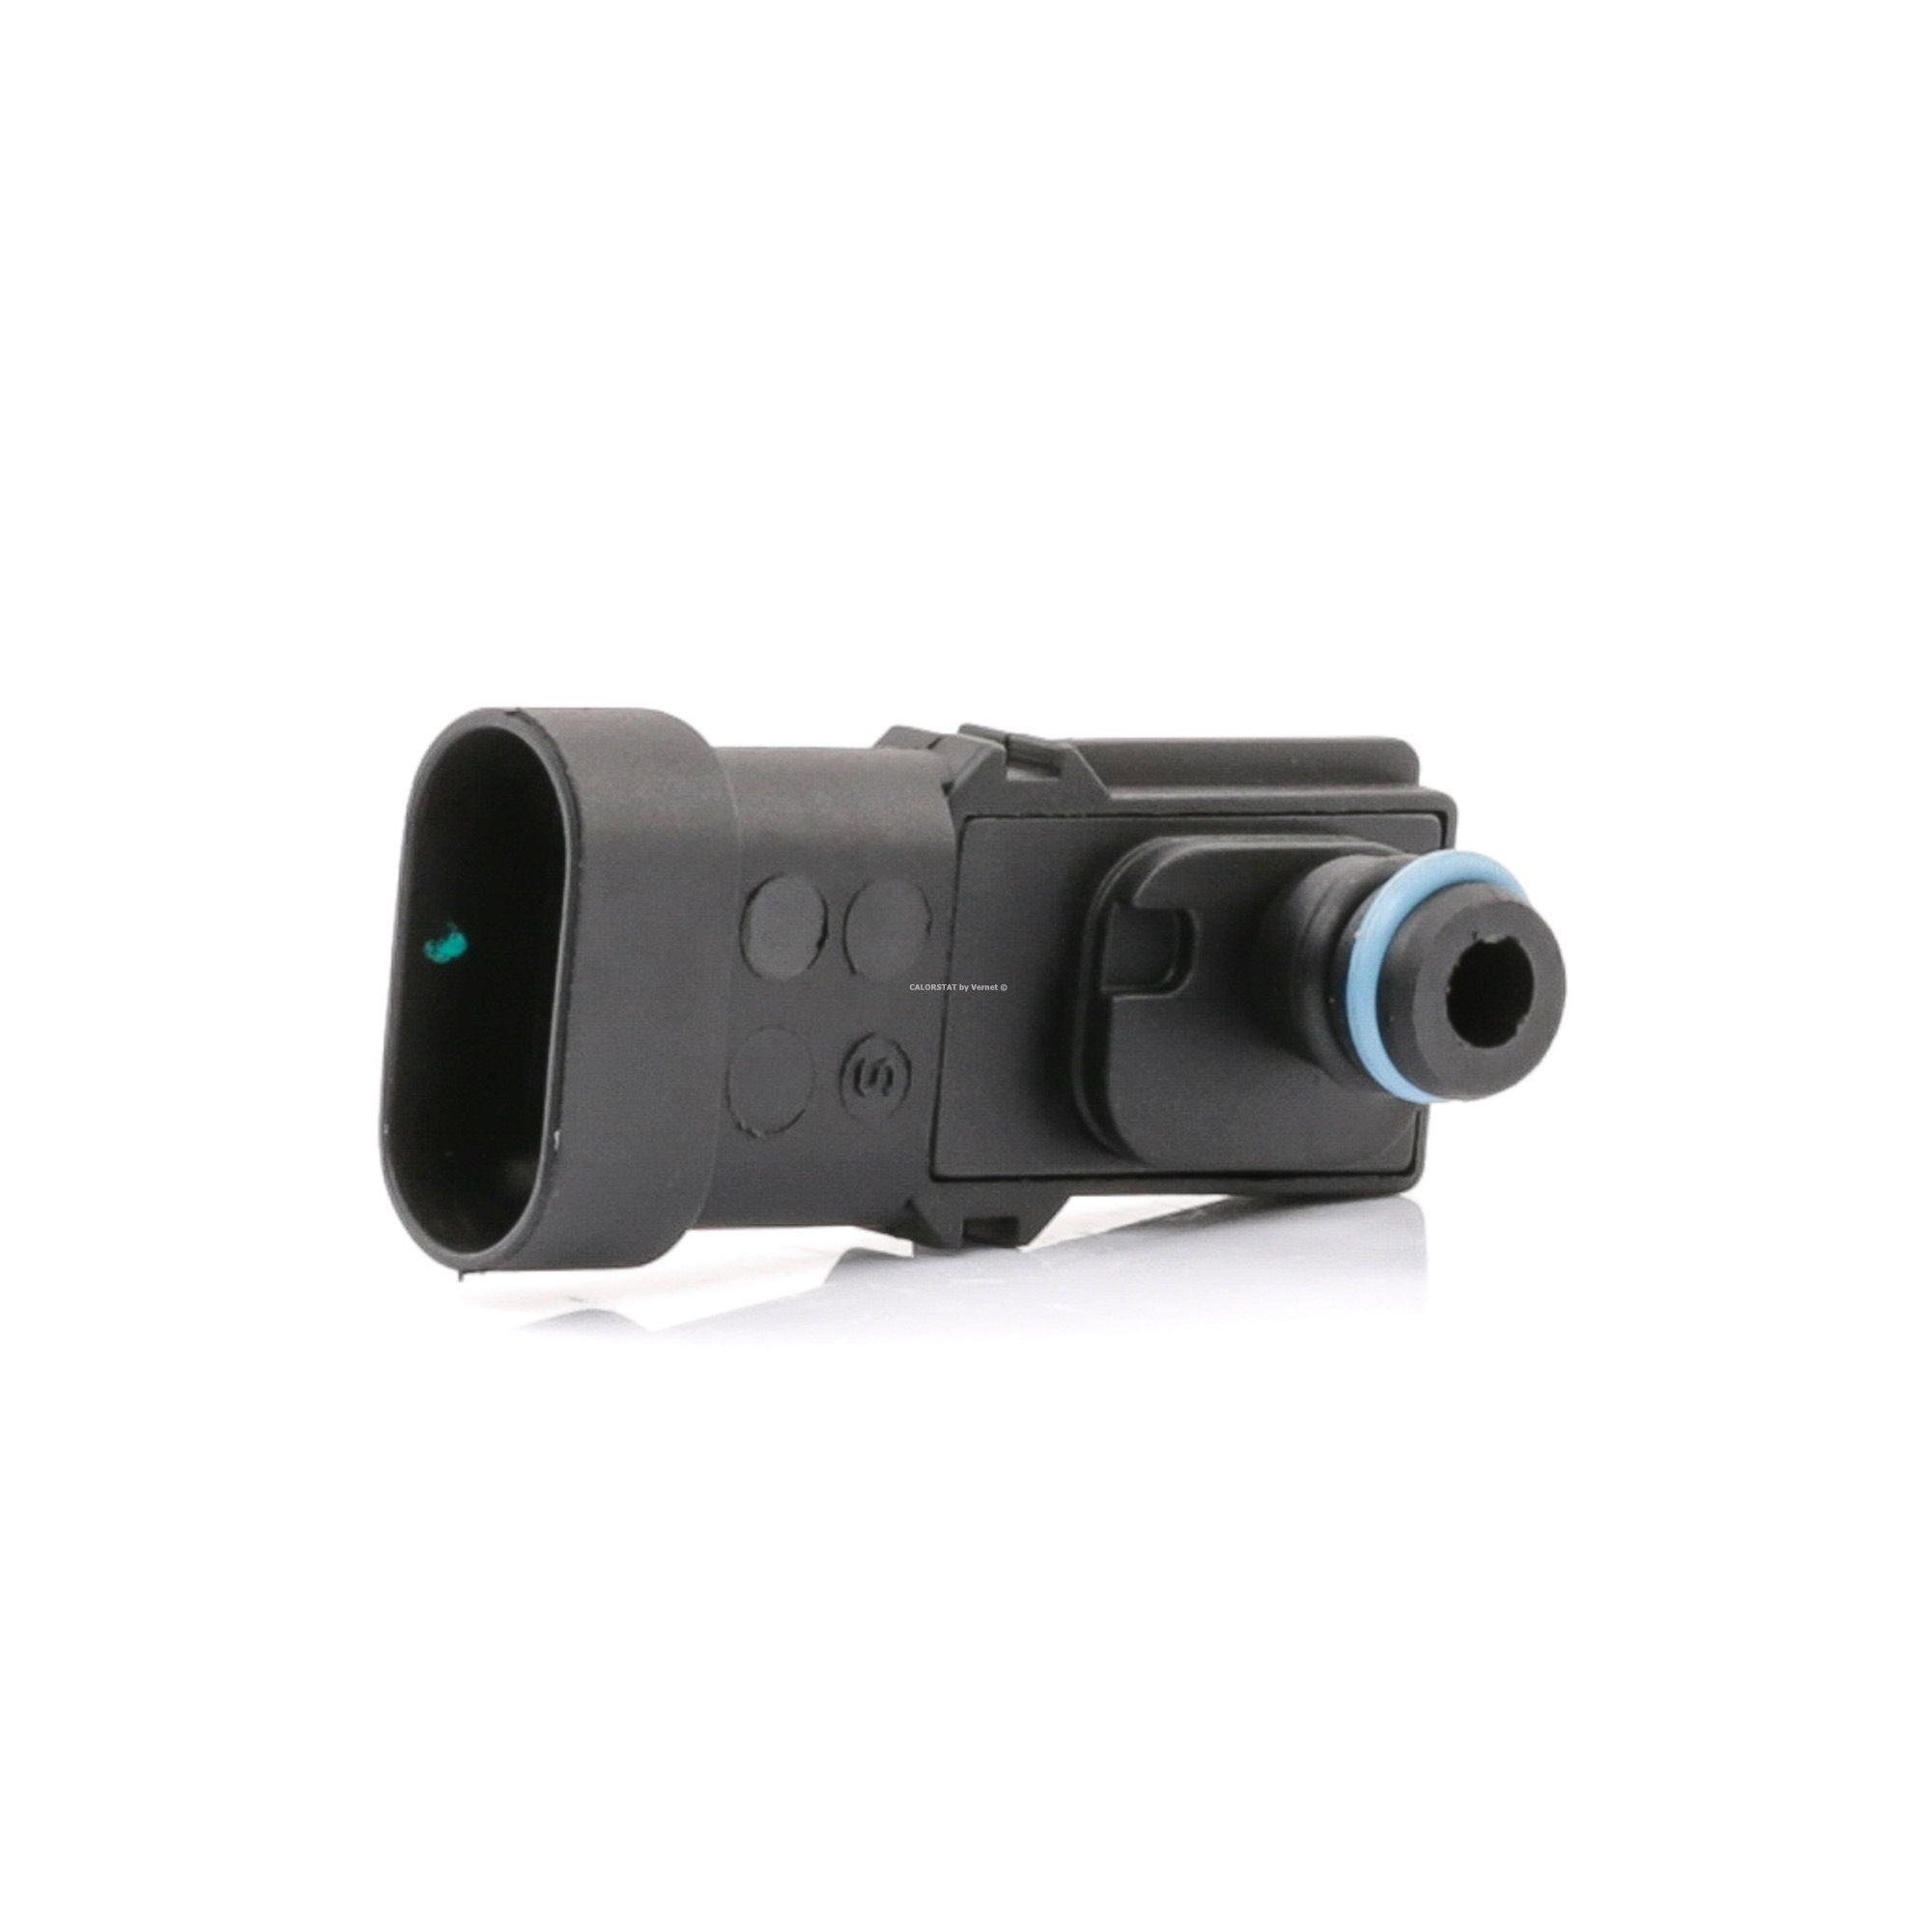 NISSAN BLUEBIRD 2020 Sensor, Saugrohrdruck - Original CALORSTAT by Vernet MS0119 Anschlussanzahl: 3